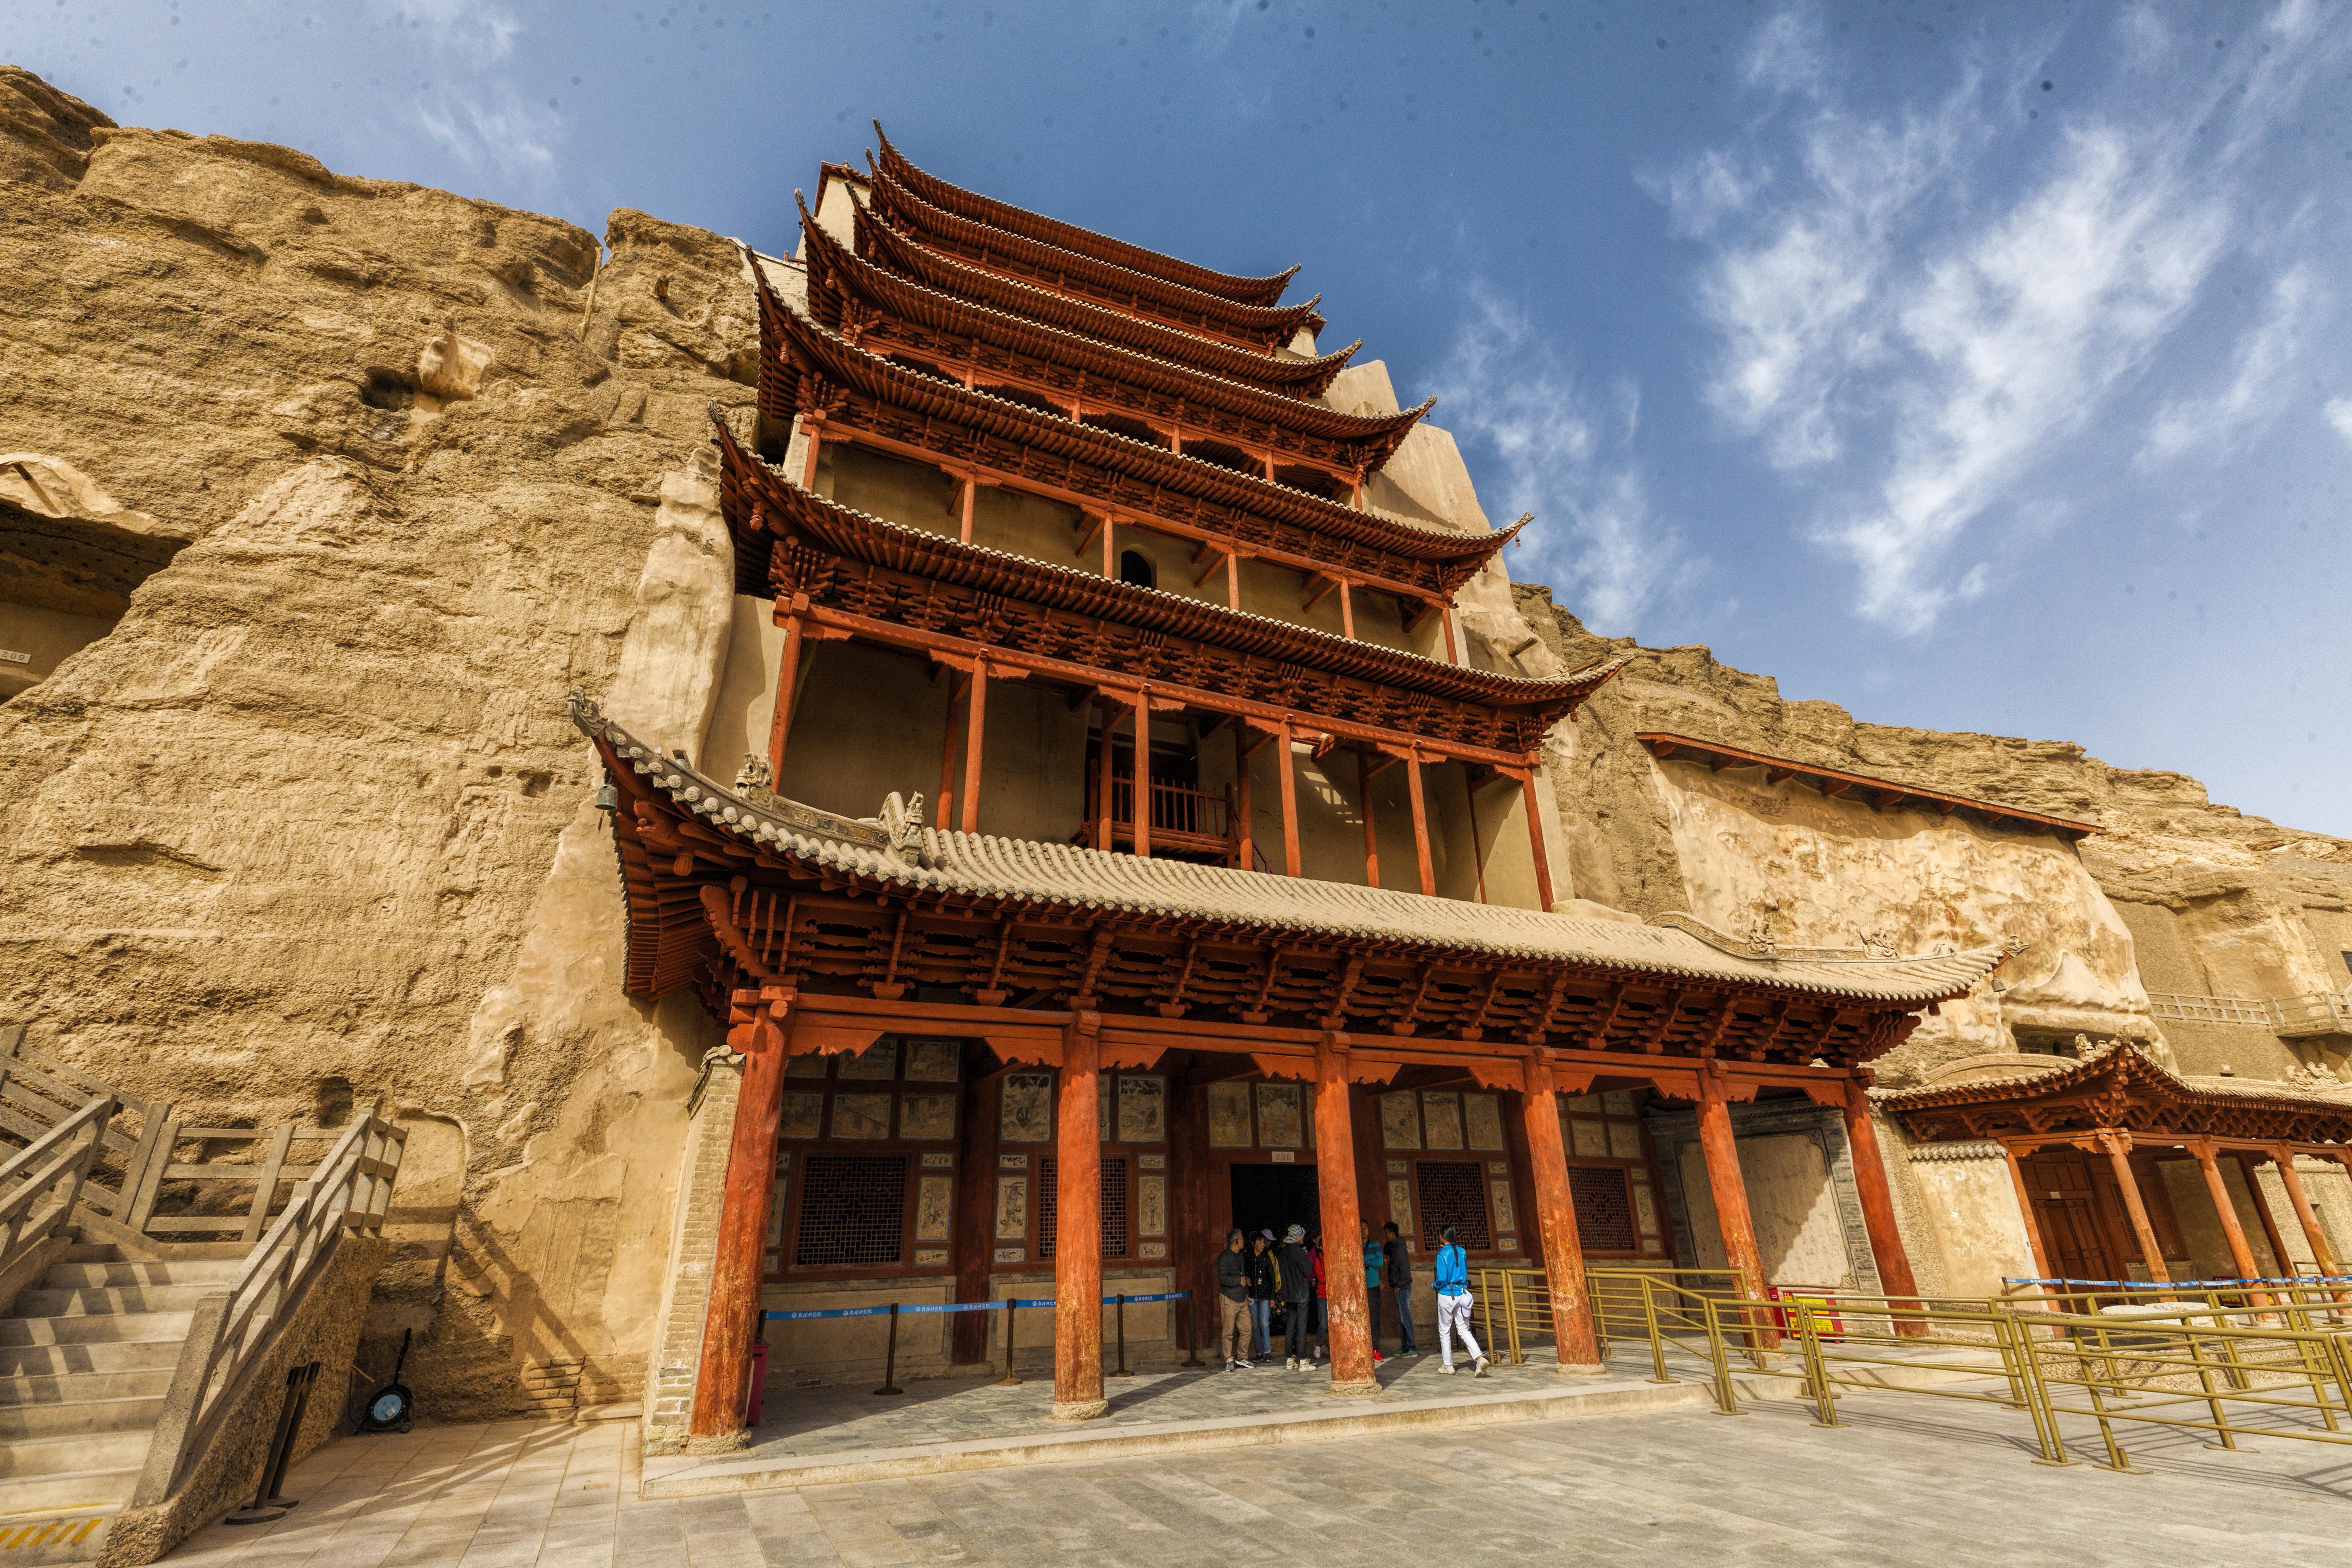 Будистките пещери са известни със уникални образци на будистко изкуство, като вътрешни стенописи, будистки статуи и ръкописи, намерени скрити в запечатана пещера.